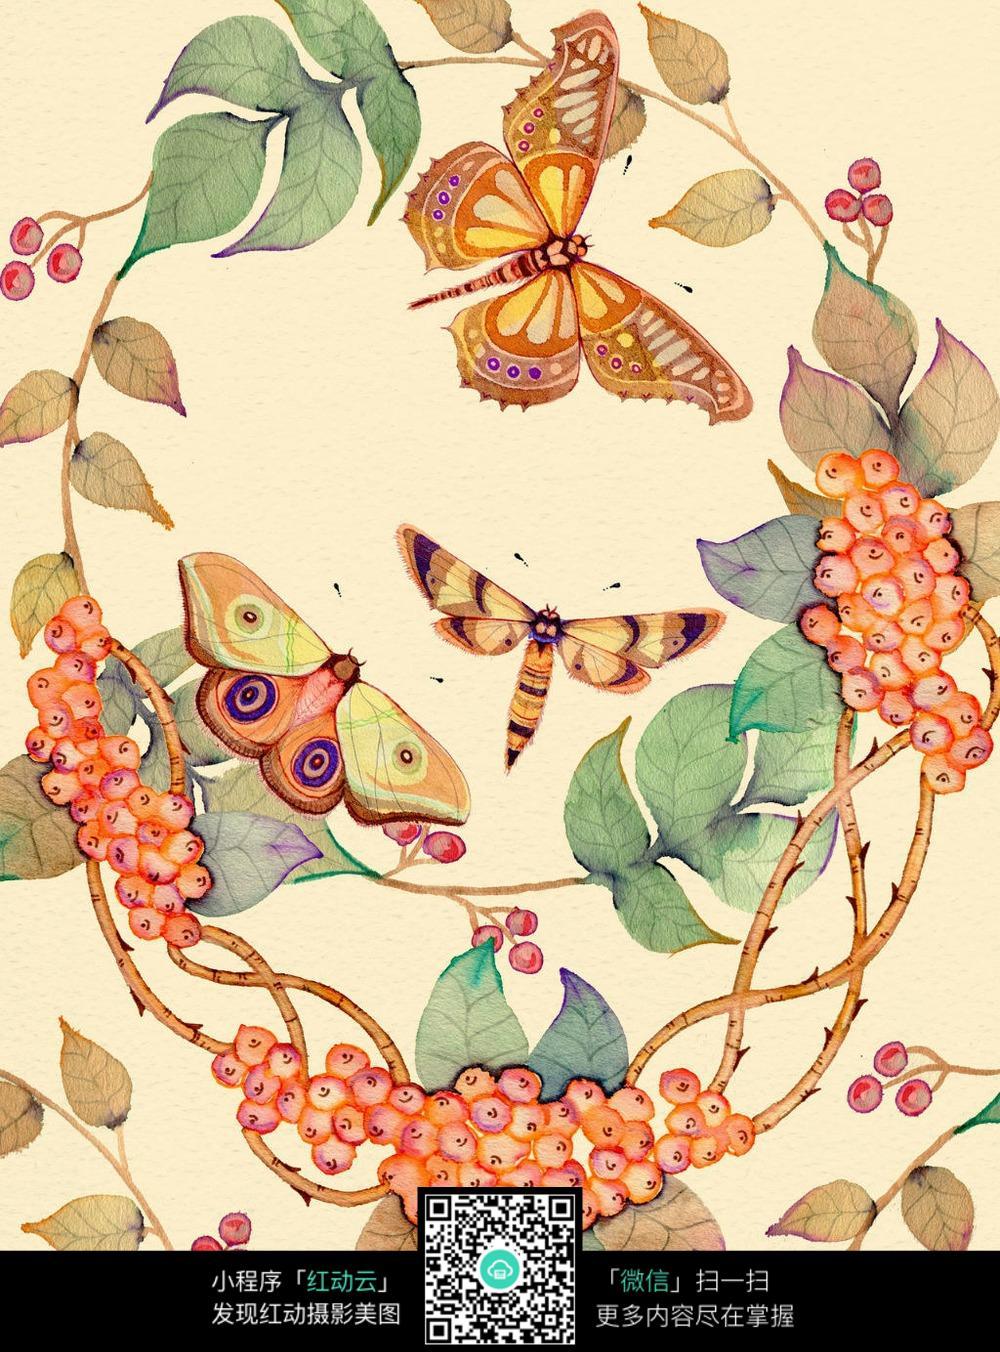 唯美手绘蝴蝶花瓣插画图片